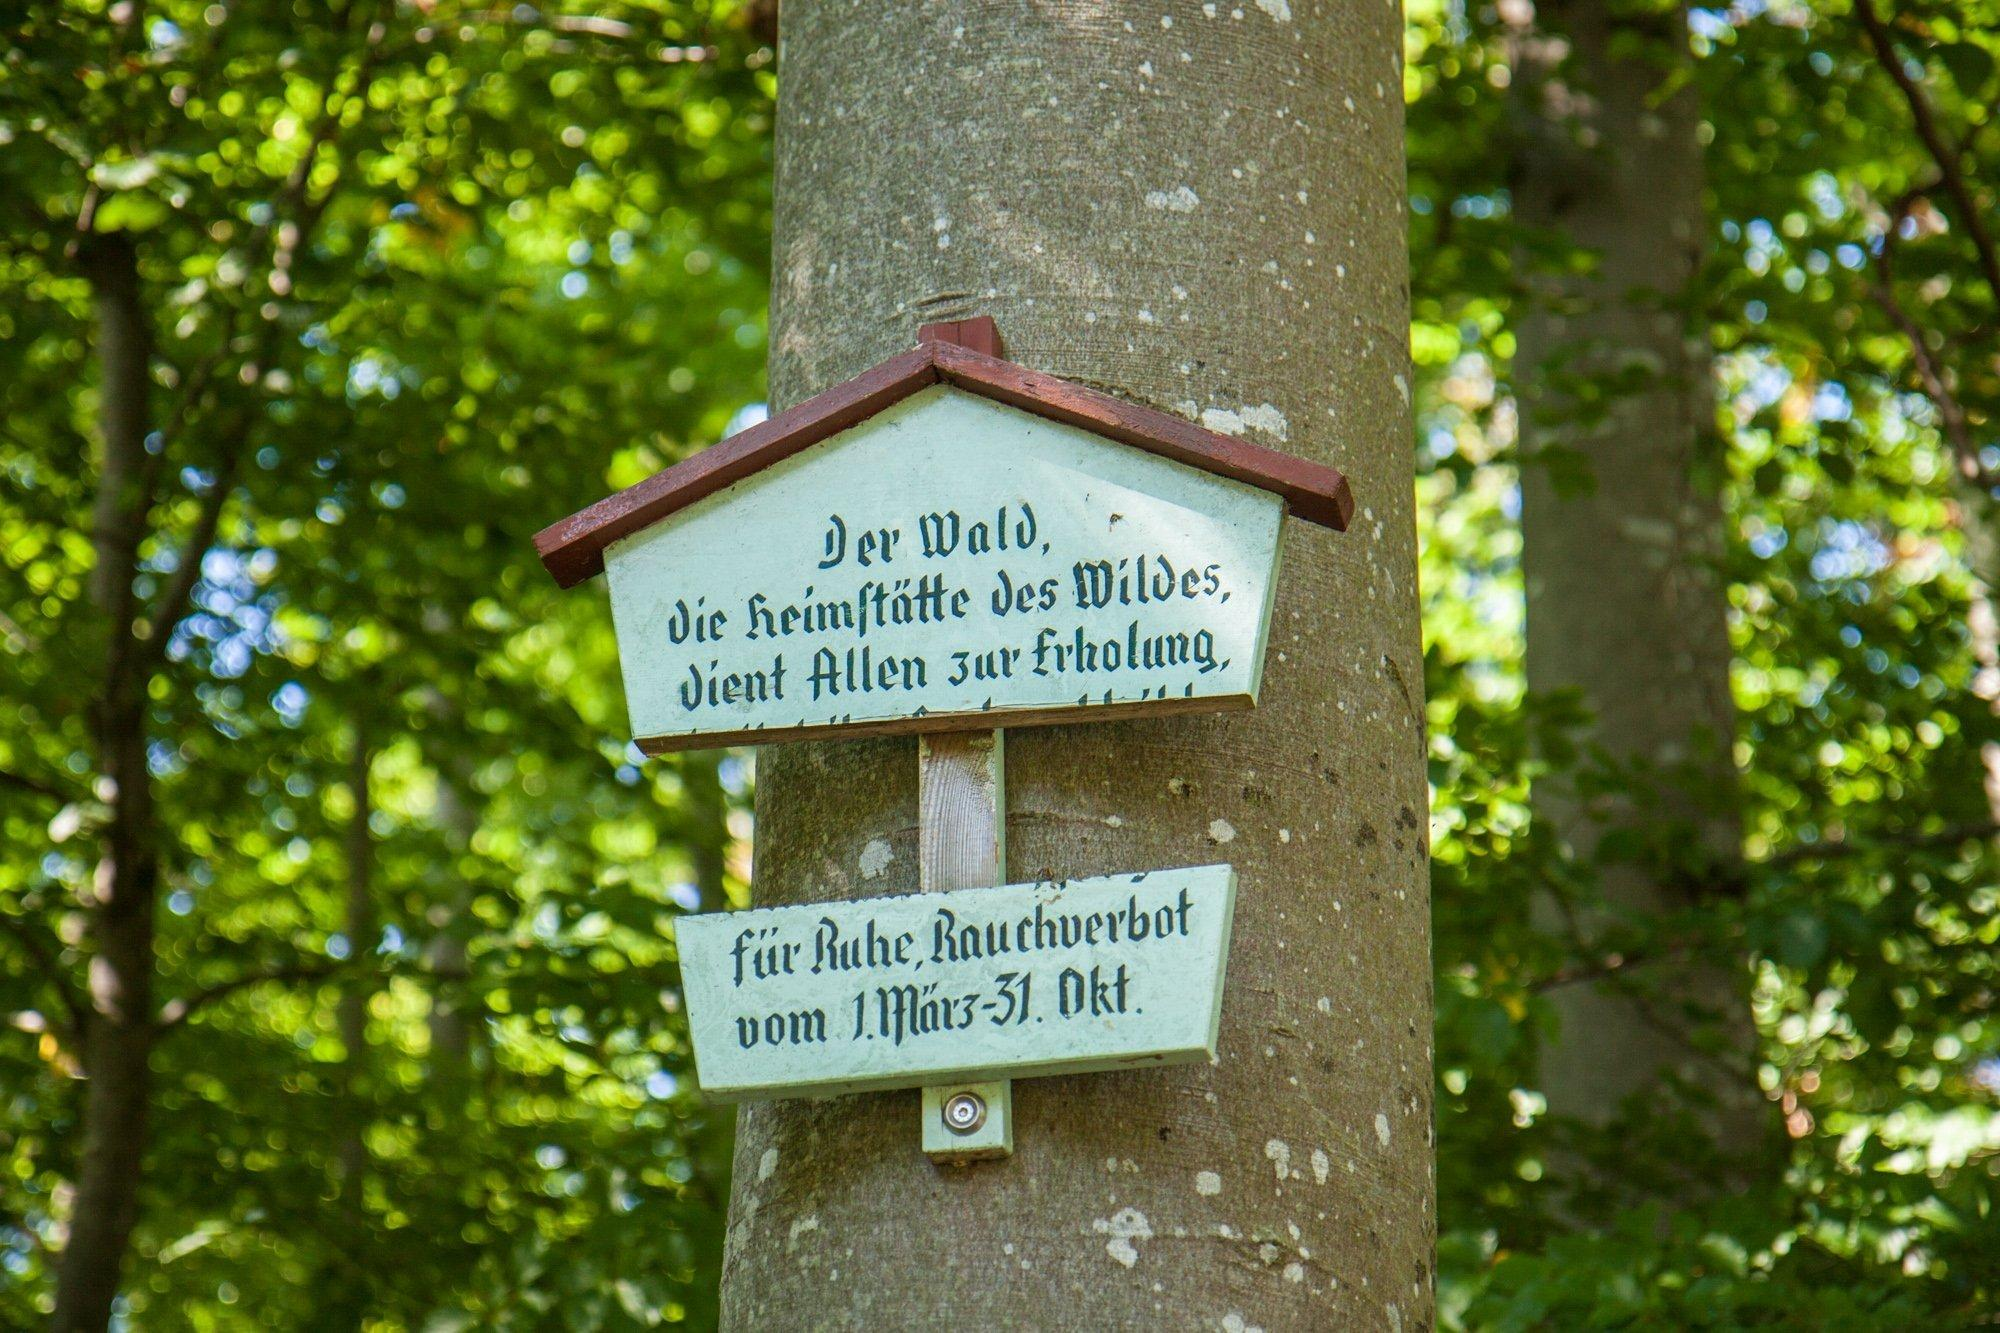 Schild an einer Buche. Es weißt auf das Ruhegebot im Wald hin.